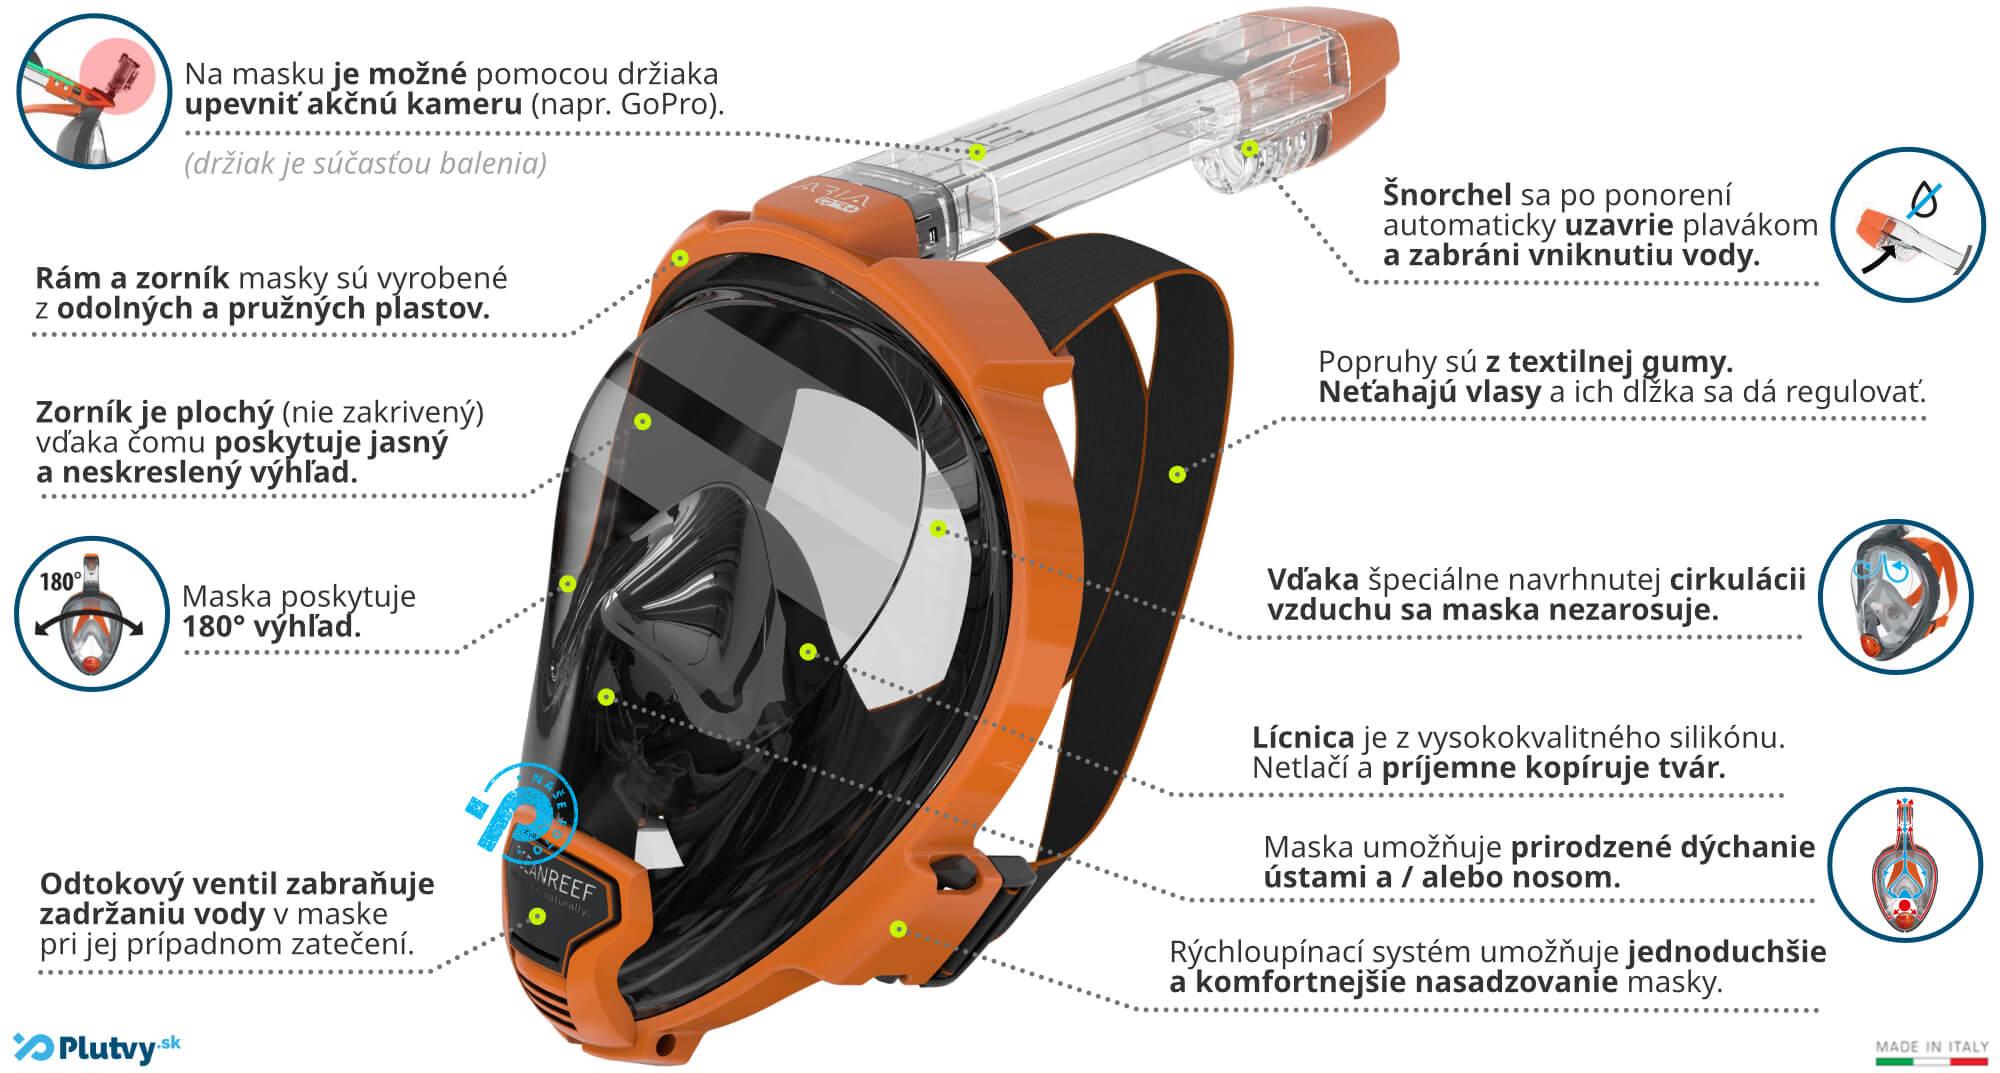 špičková maska na celotvárová šnorchlovanie ocean reef aria qr+ s rýchloupínacím systémom, Plutvy.sk